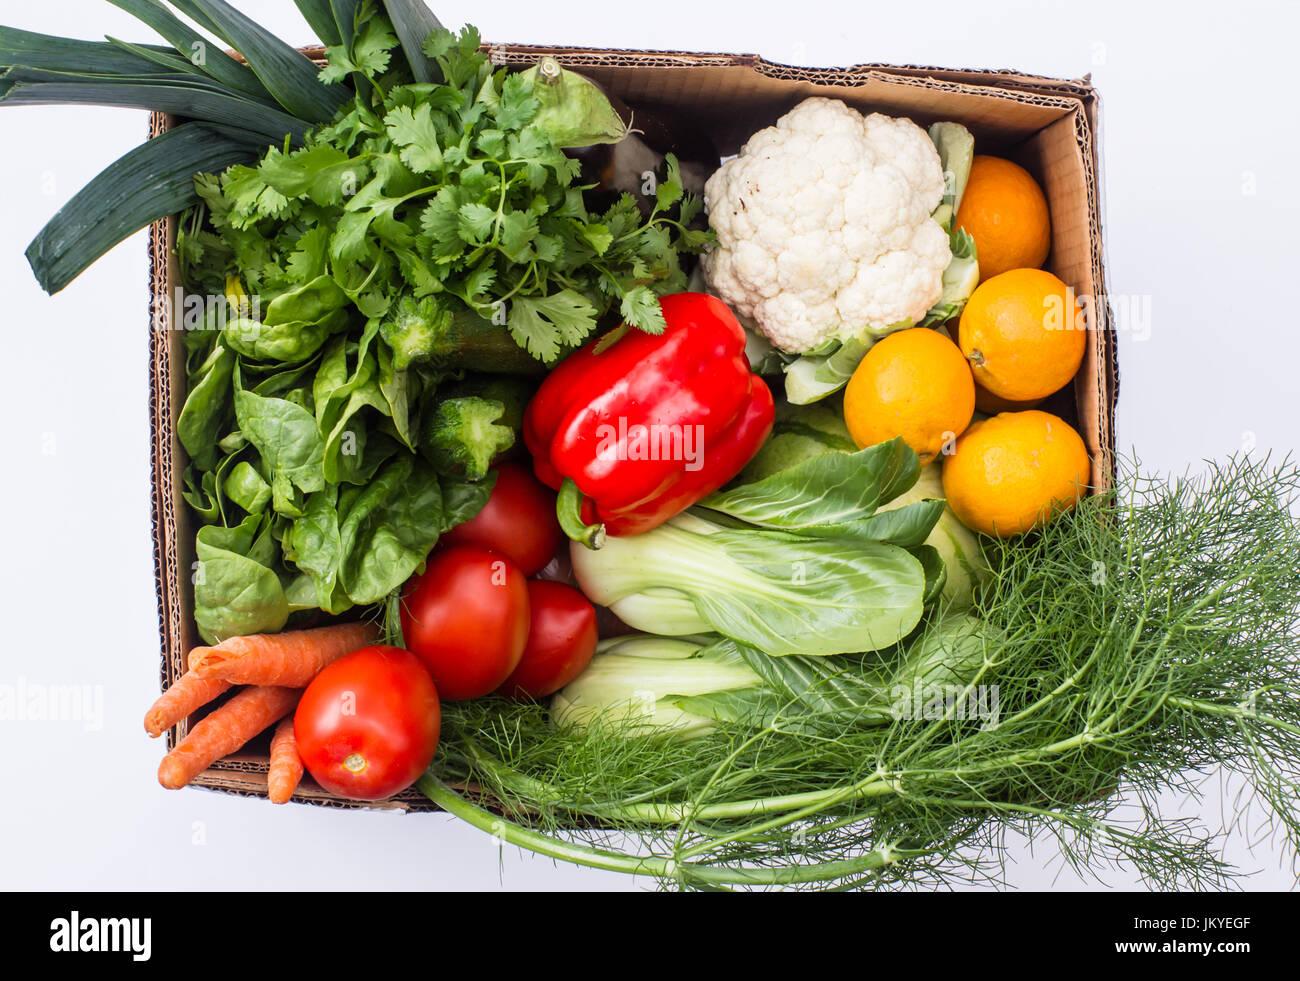 Ein Karton auf einem weißen Hintergrund gefüllt mit frischem Obst und Gemüse vom Wochenmarkt, USA Stockbild